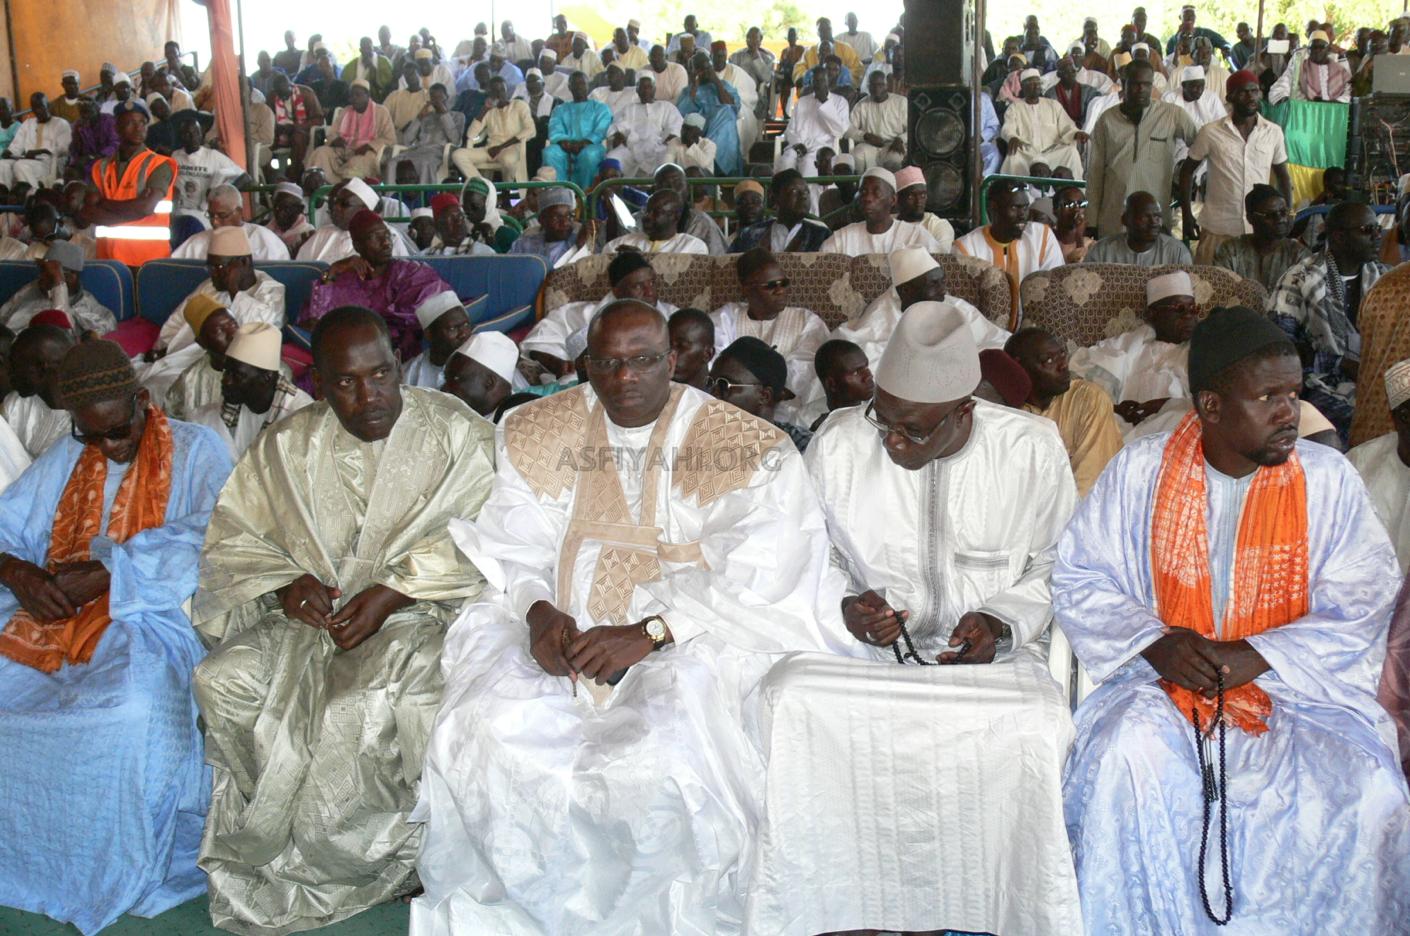 PHOTOS: Les Images de la Ceremonie Officielle du Gamou de Diacksao de ce Samedi 5 Avril 2014